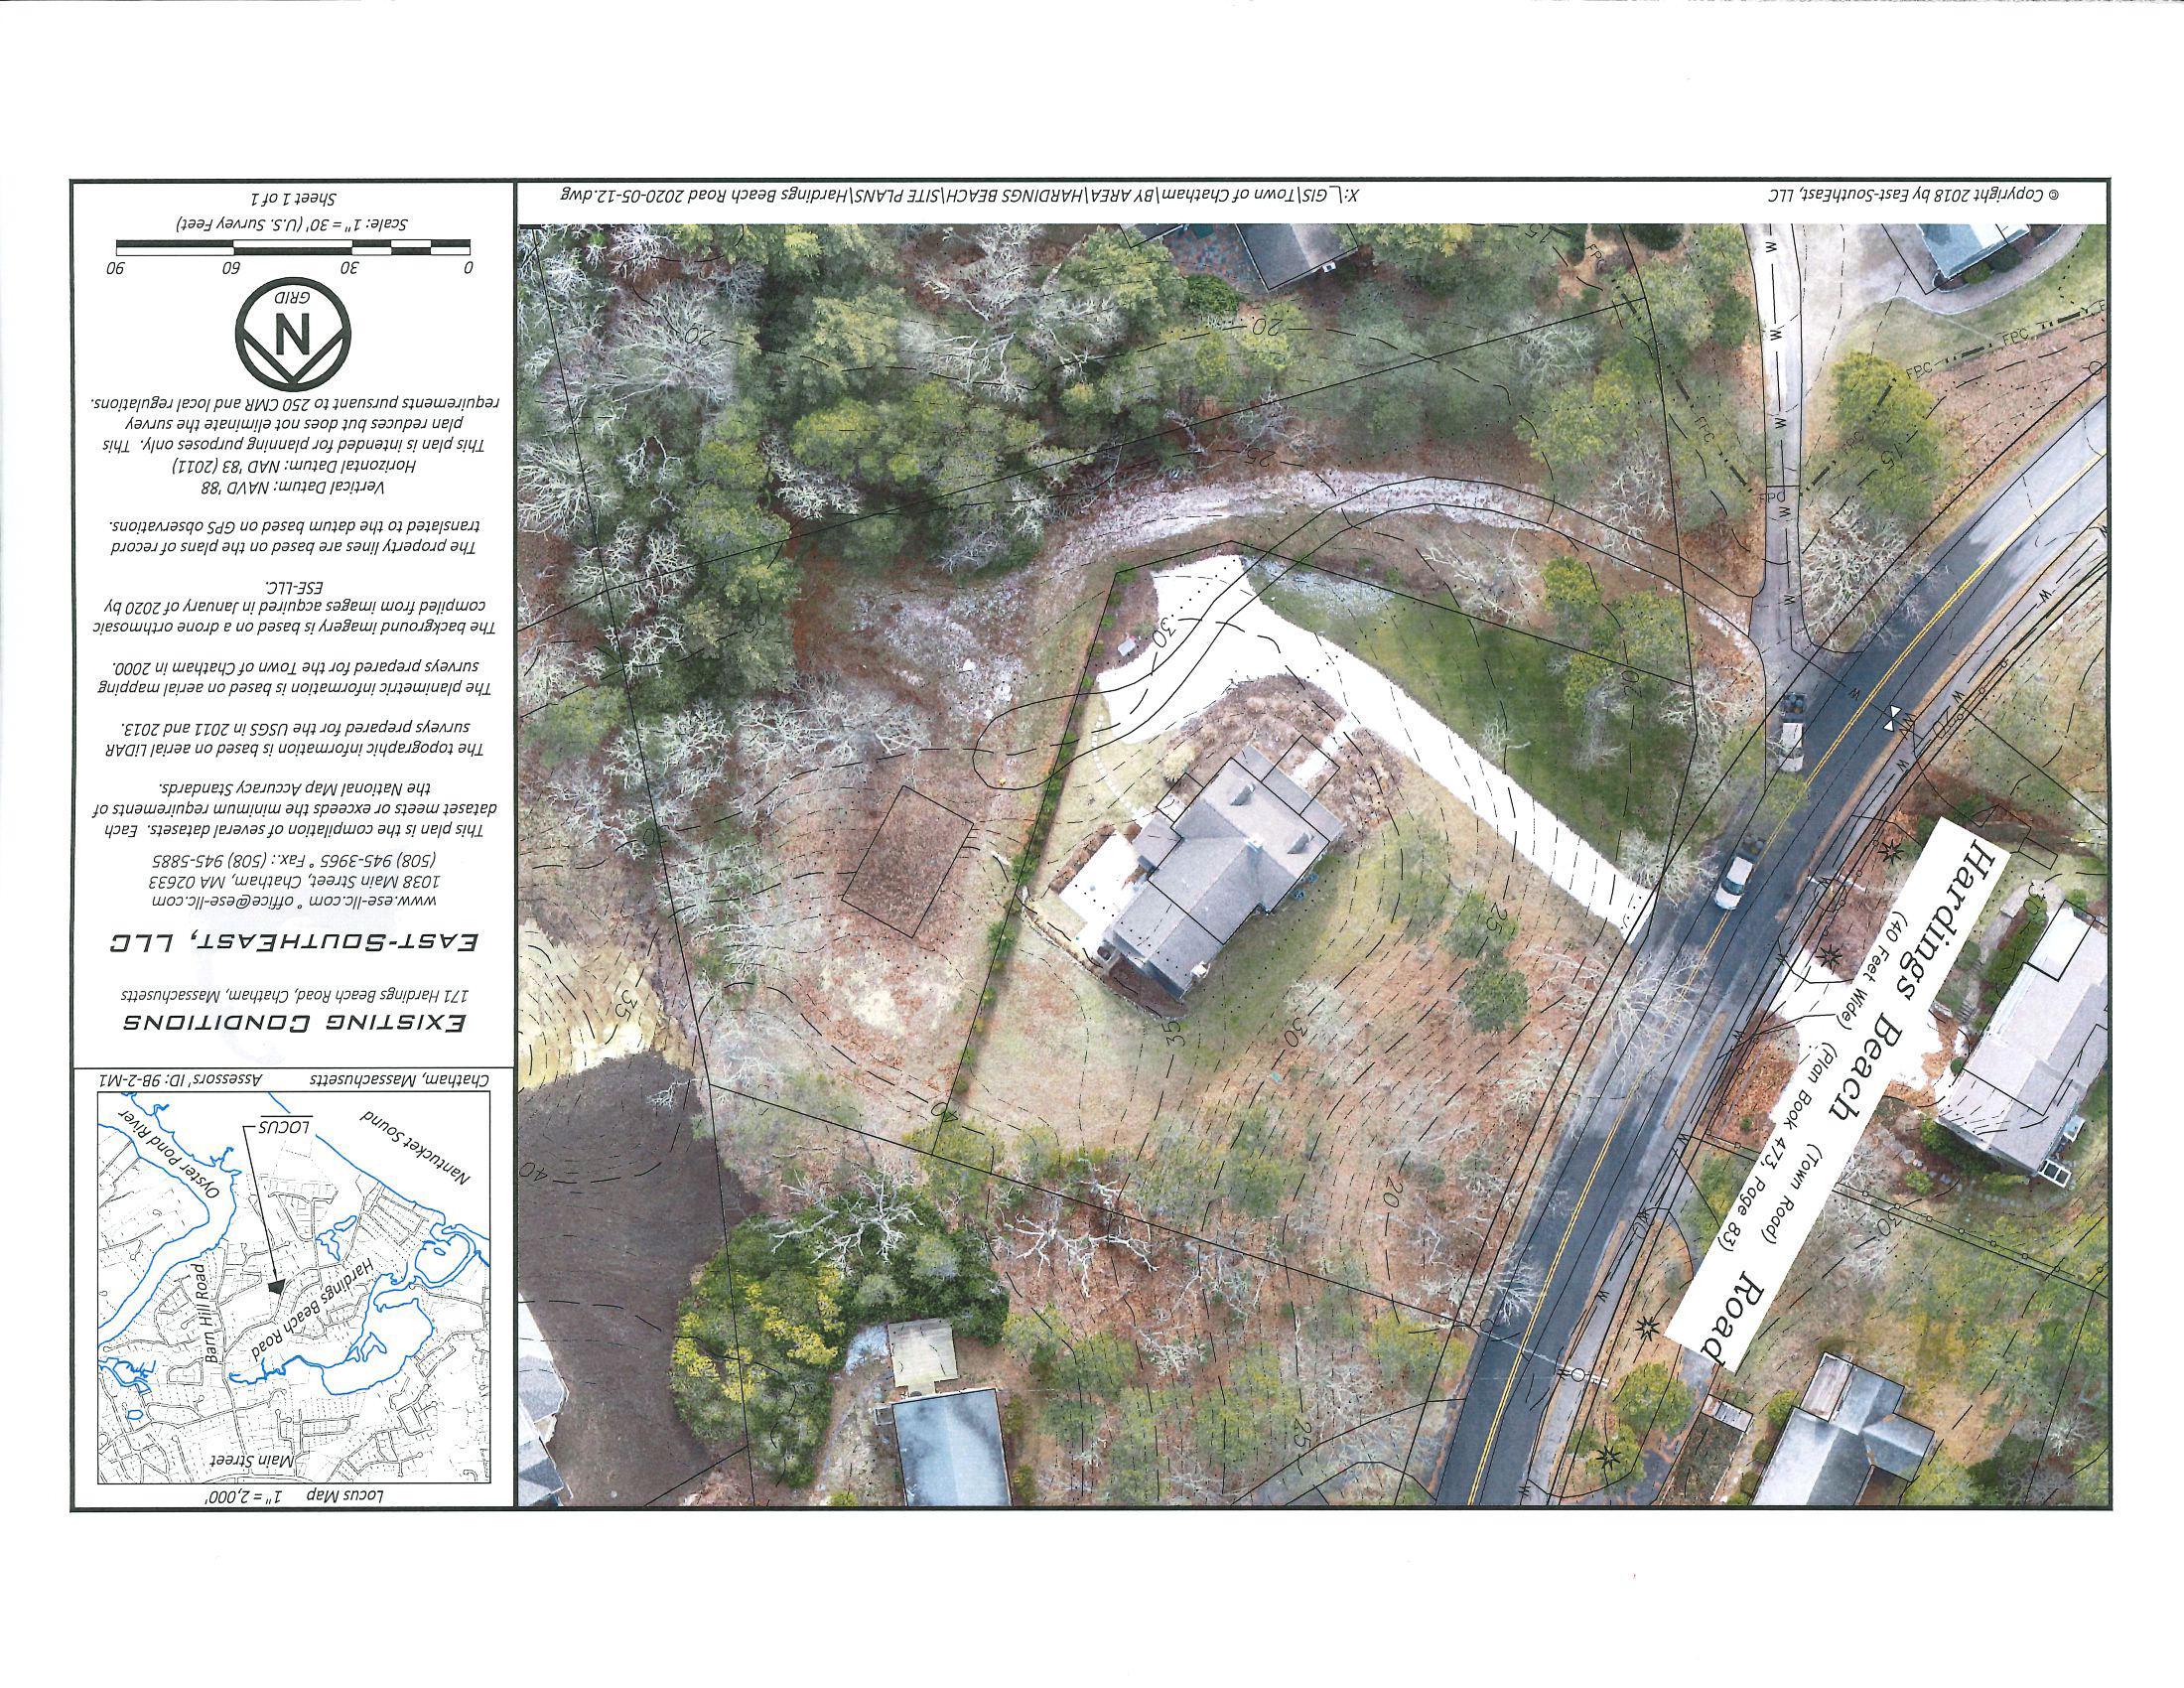 0 Old Cart Way Way, Chatham, MA details